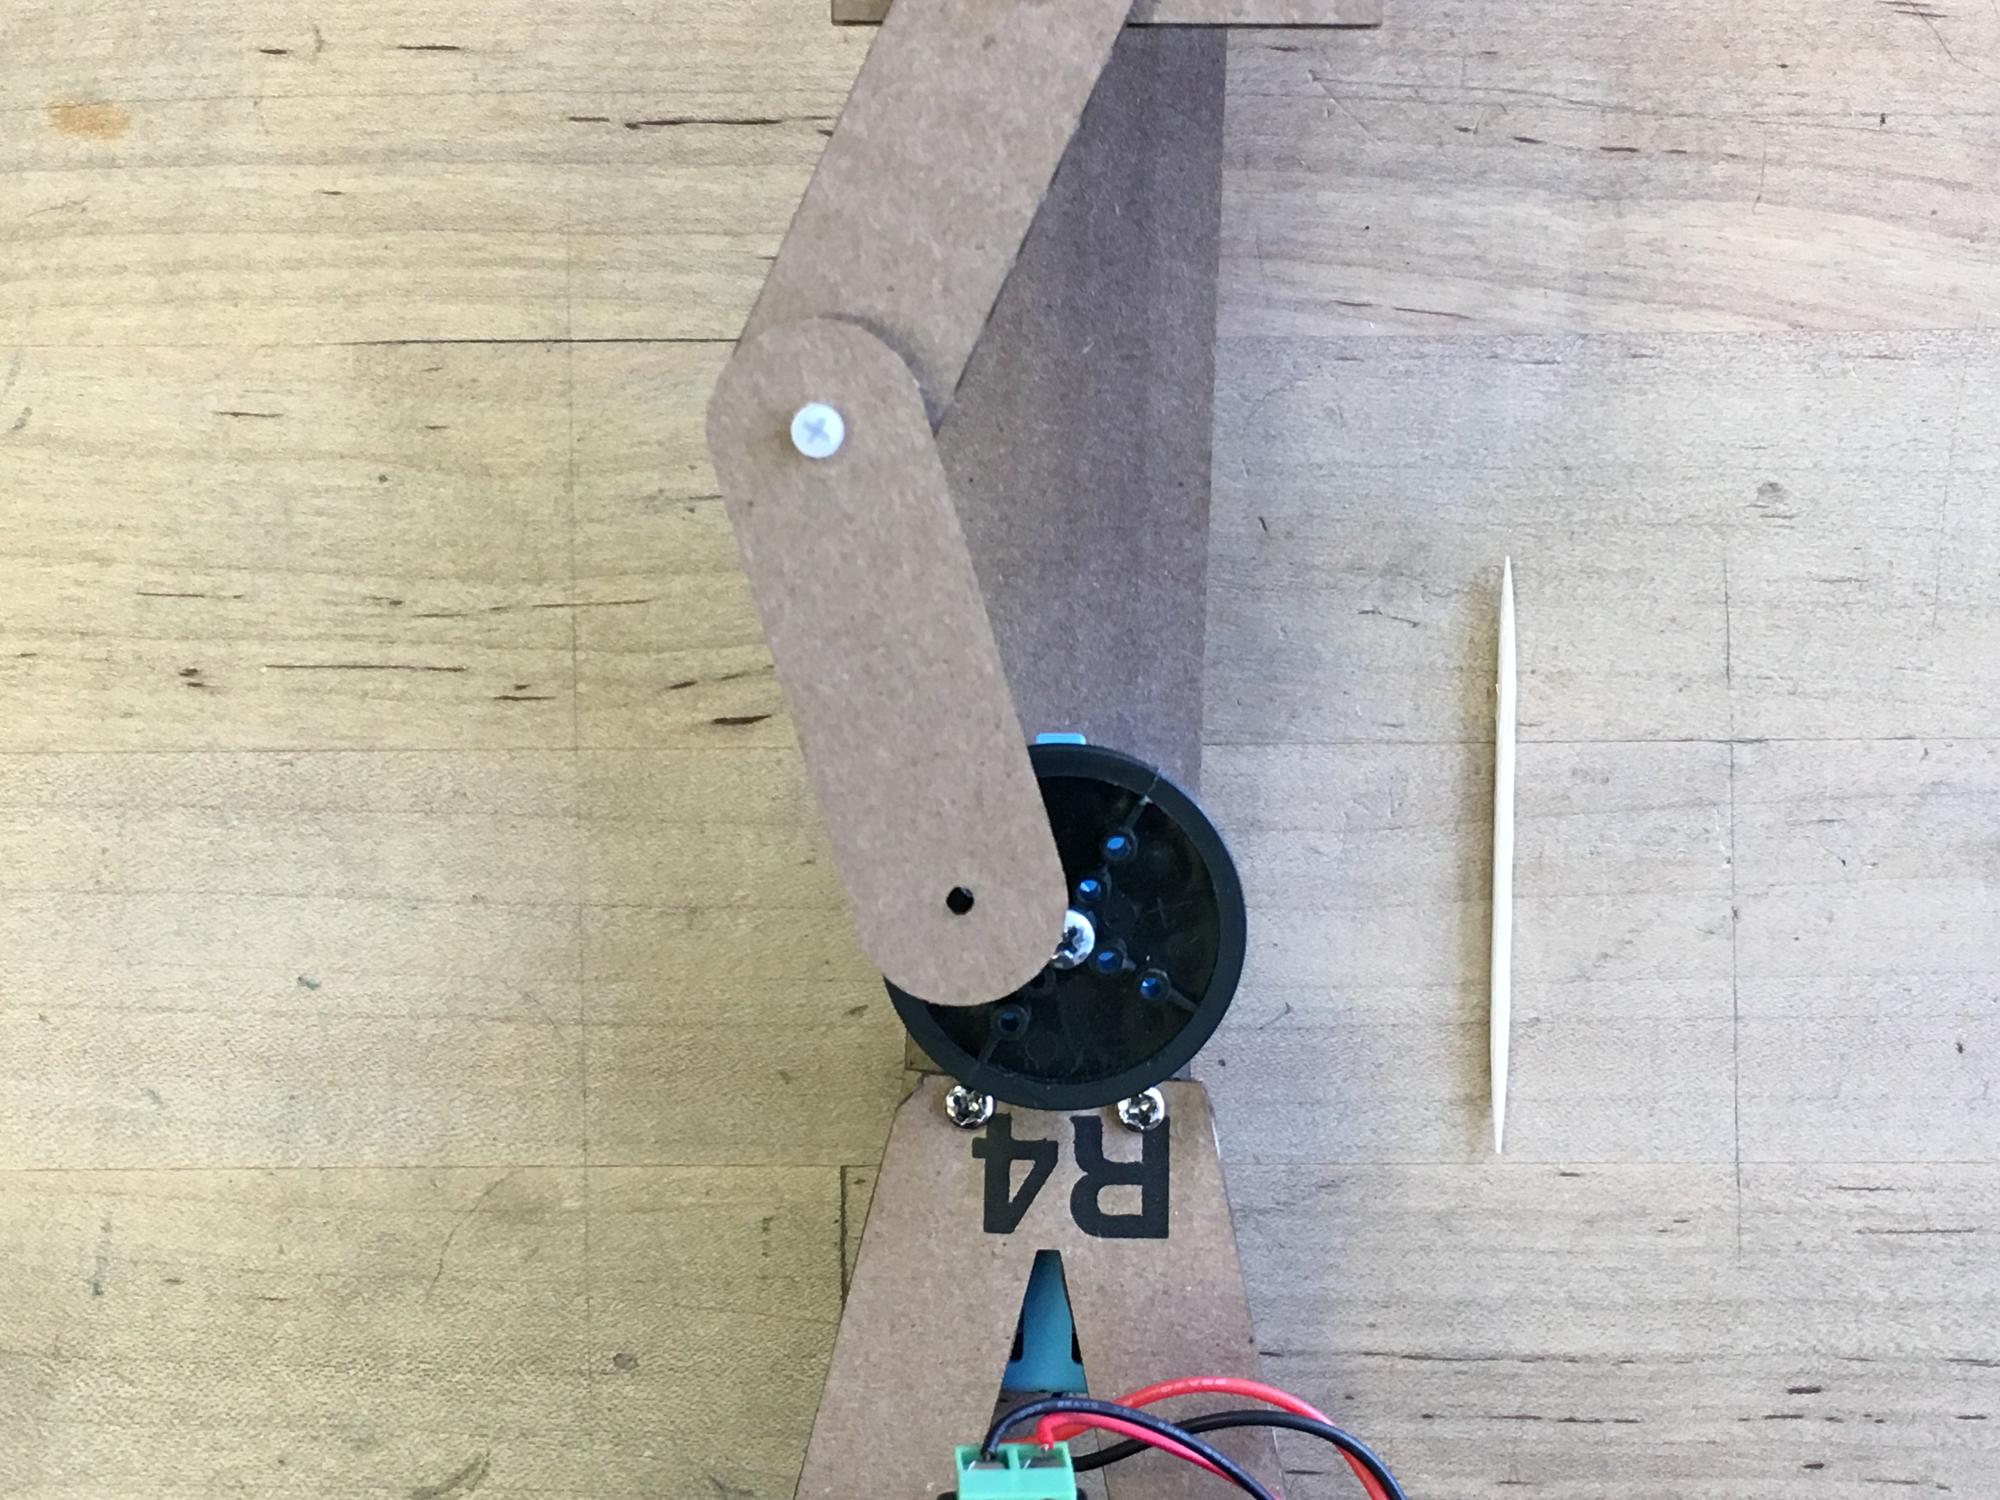 robotics___cnc_uni_bot_0079_2k.jpg